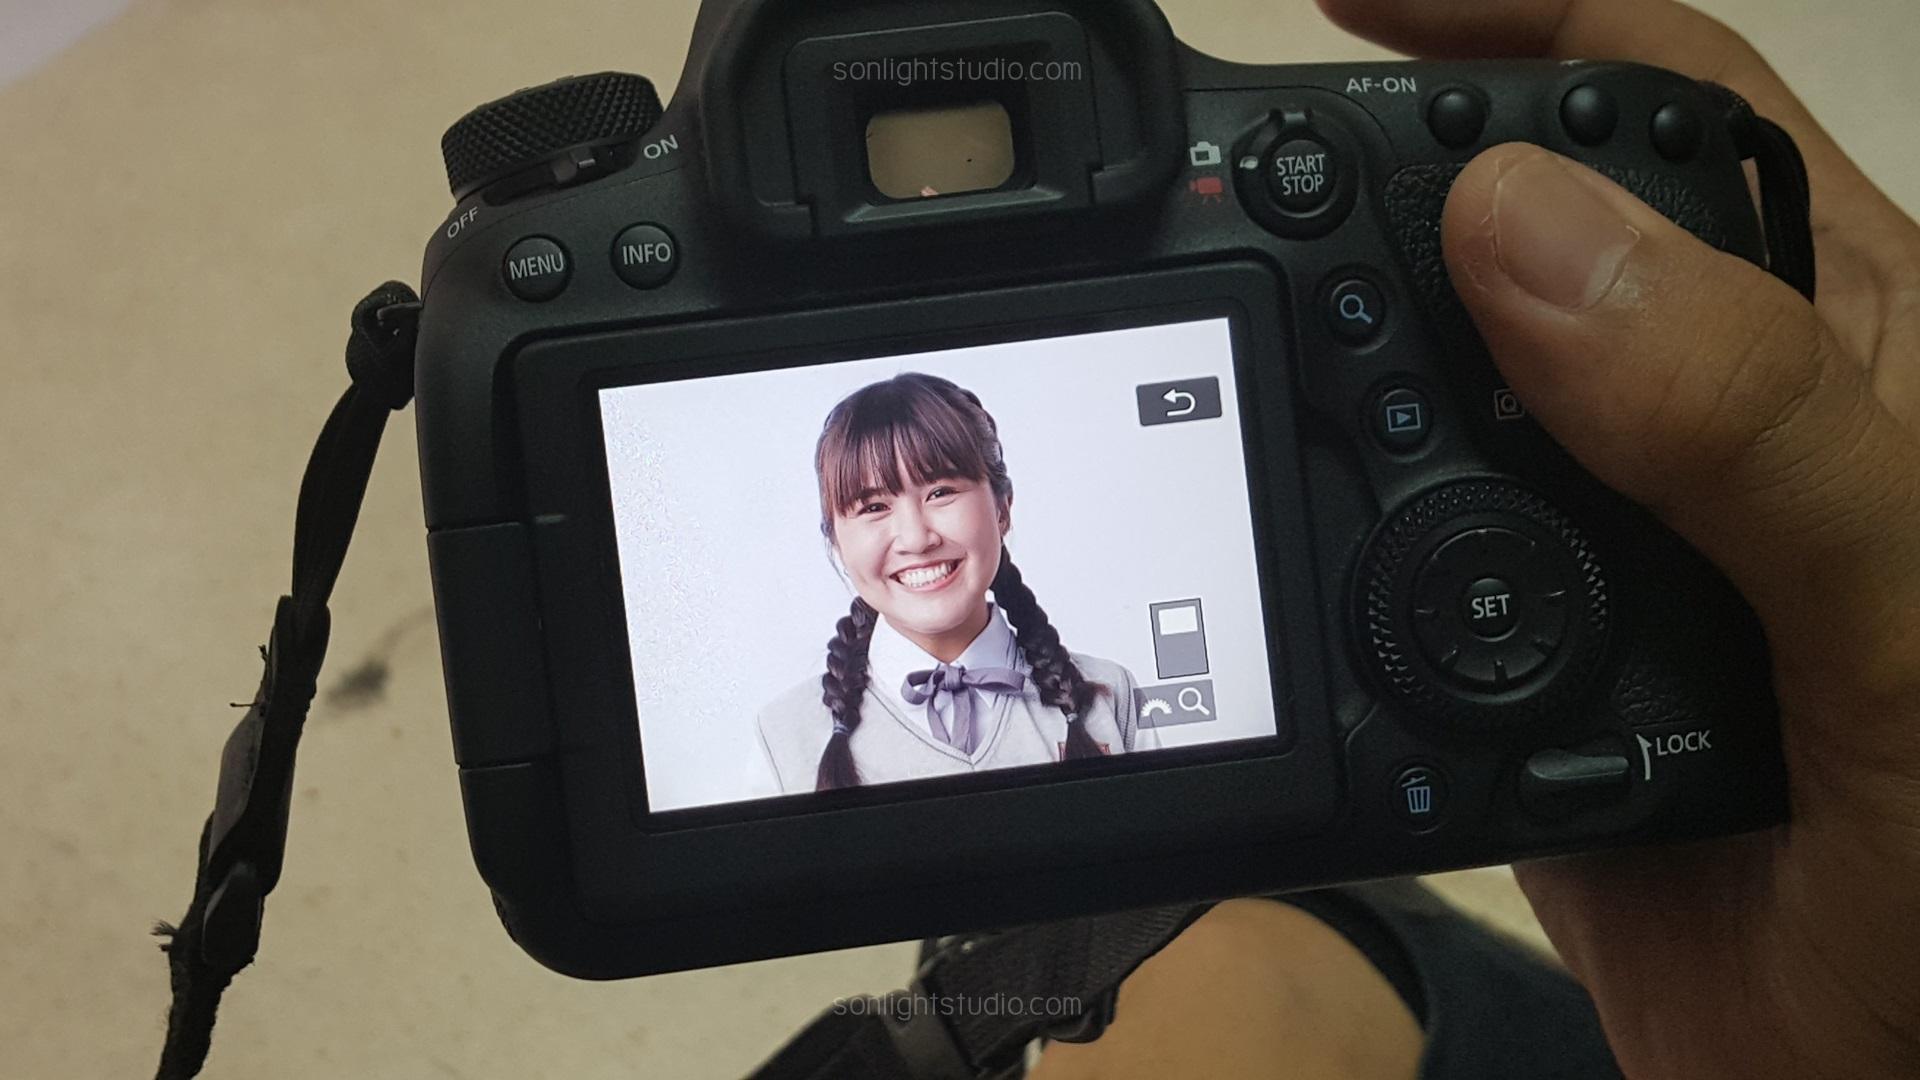 ฉากถ่ายรูป พื้นหลังสีขาวล้วน ไฟสตูดิโอ 3 ดวง เพื่อถ่ายภาพนิ่ง นักแสดงในละครซีรีย์